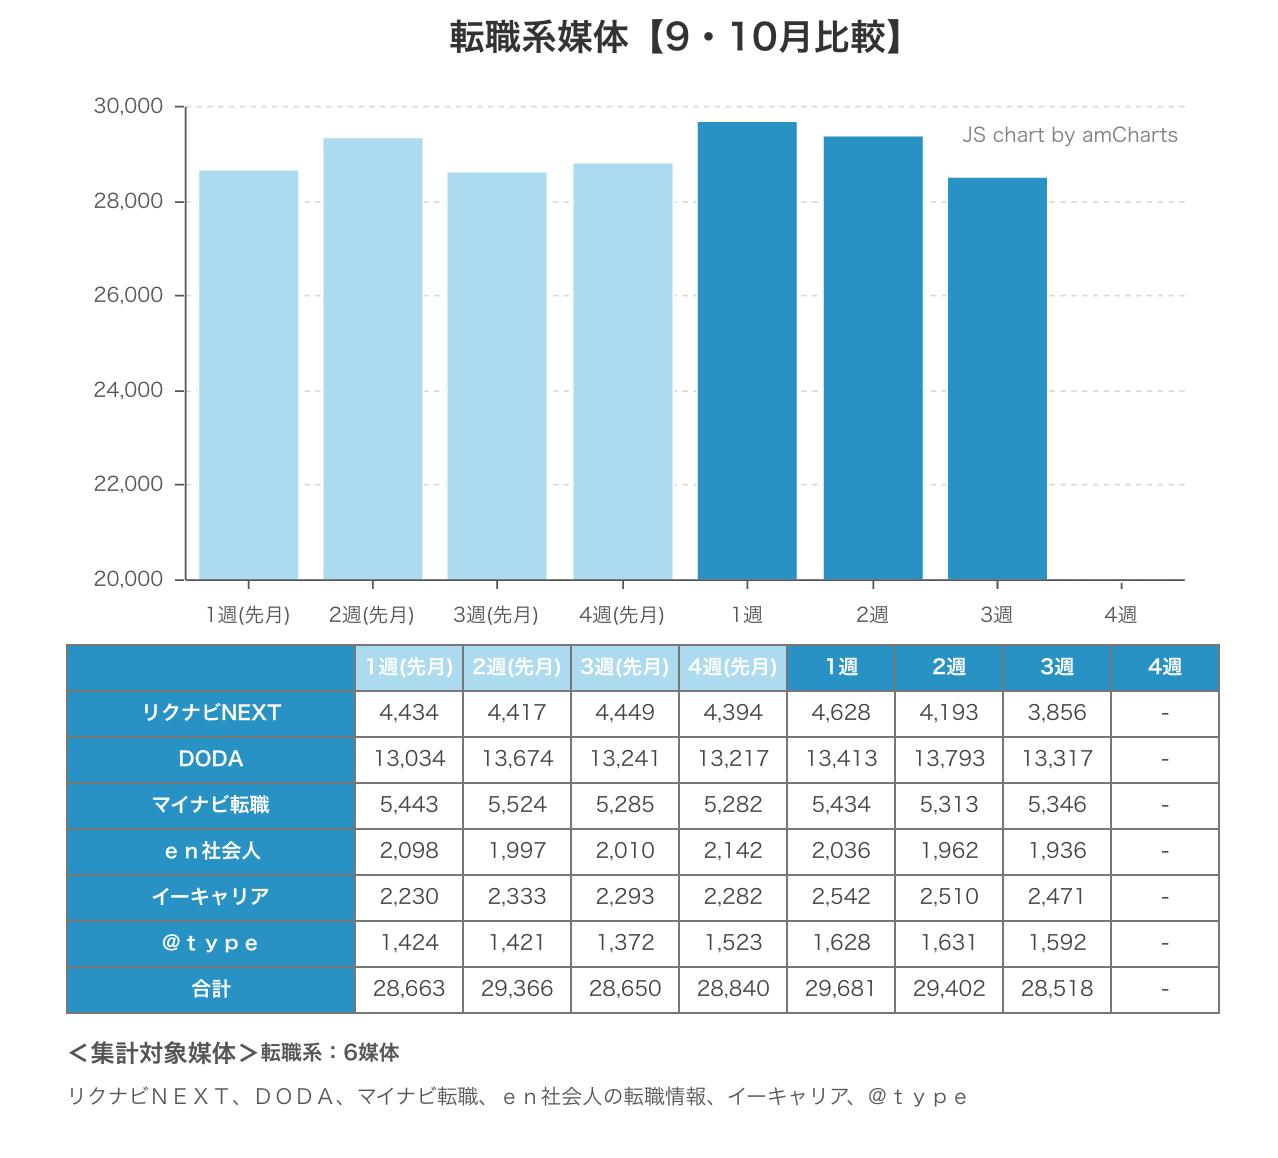 ウィークリー求人サイト掲載件数速報 2014年10月3週